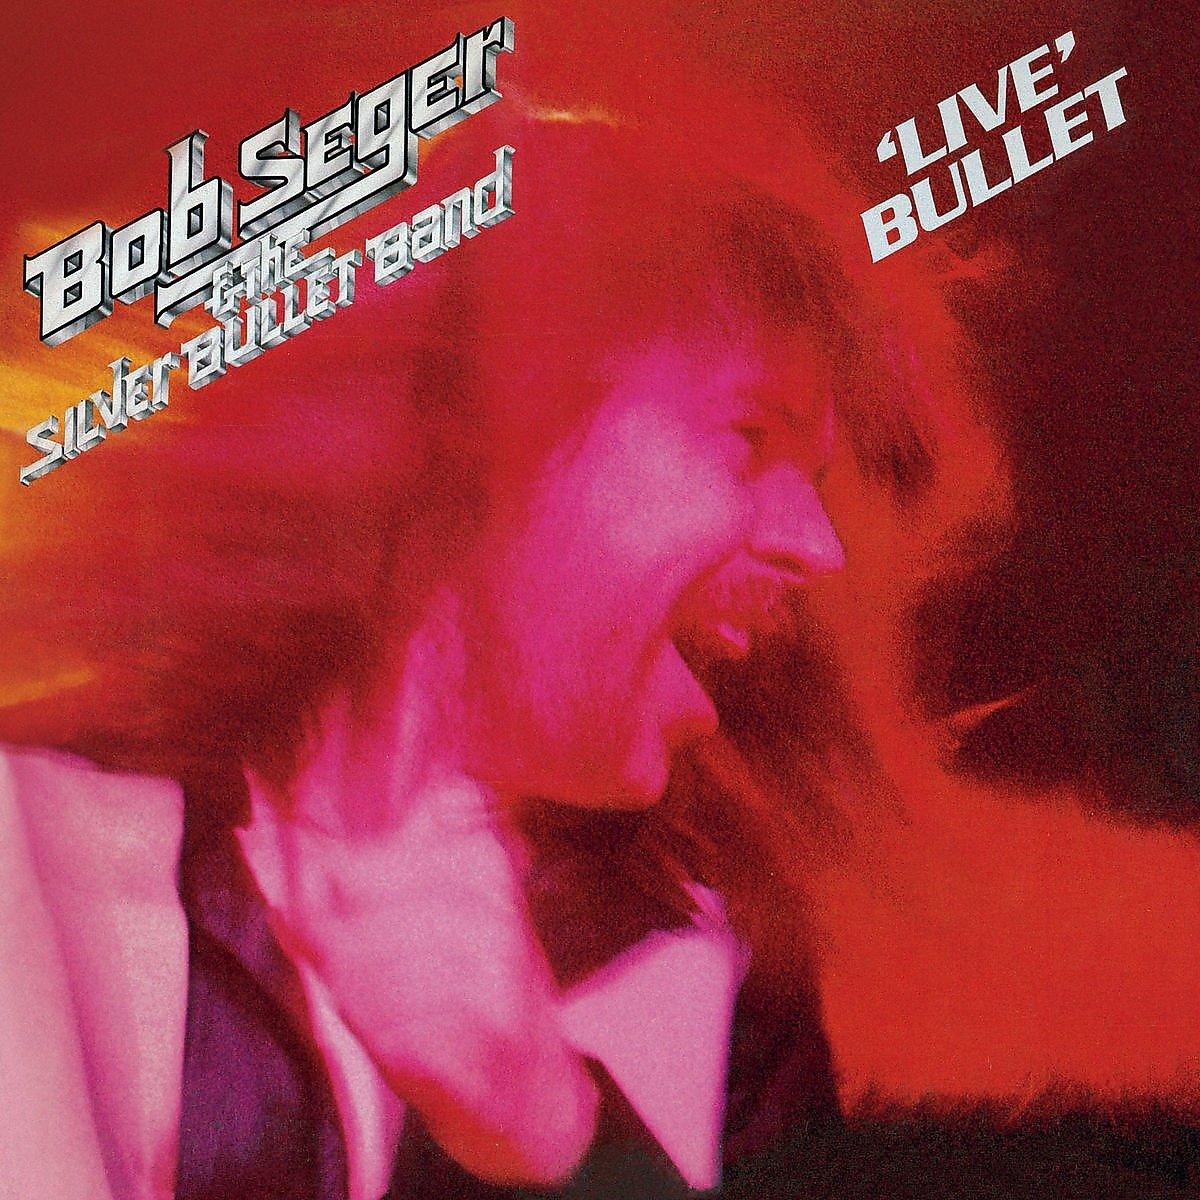 Bullet  Silver at Budokan 814B0438emL._SL1200_